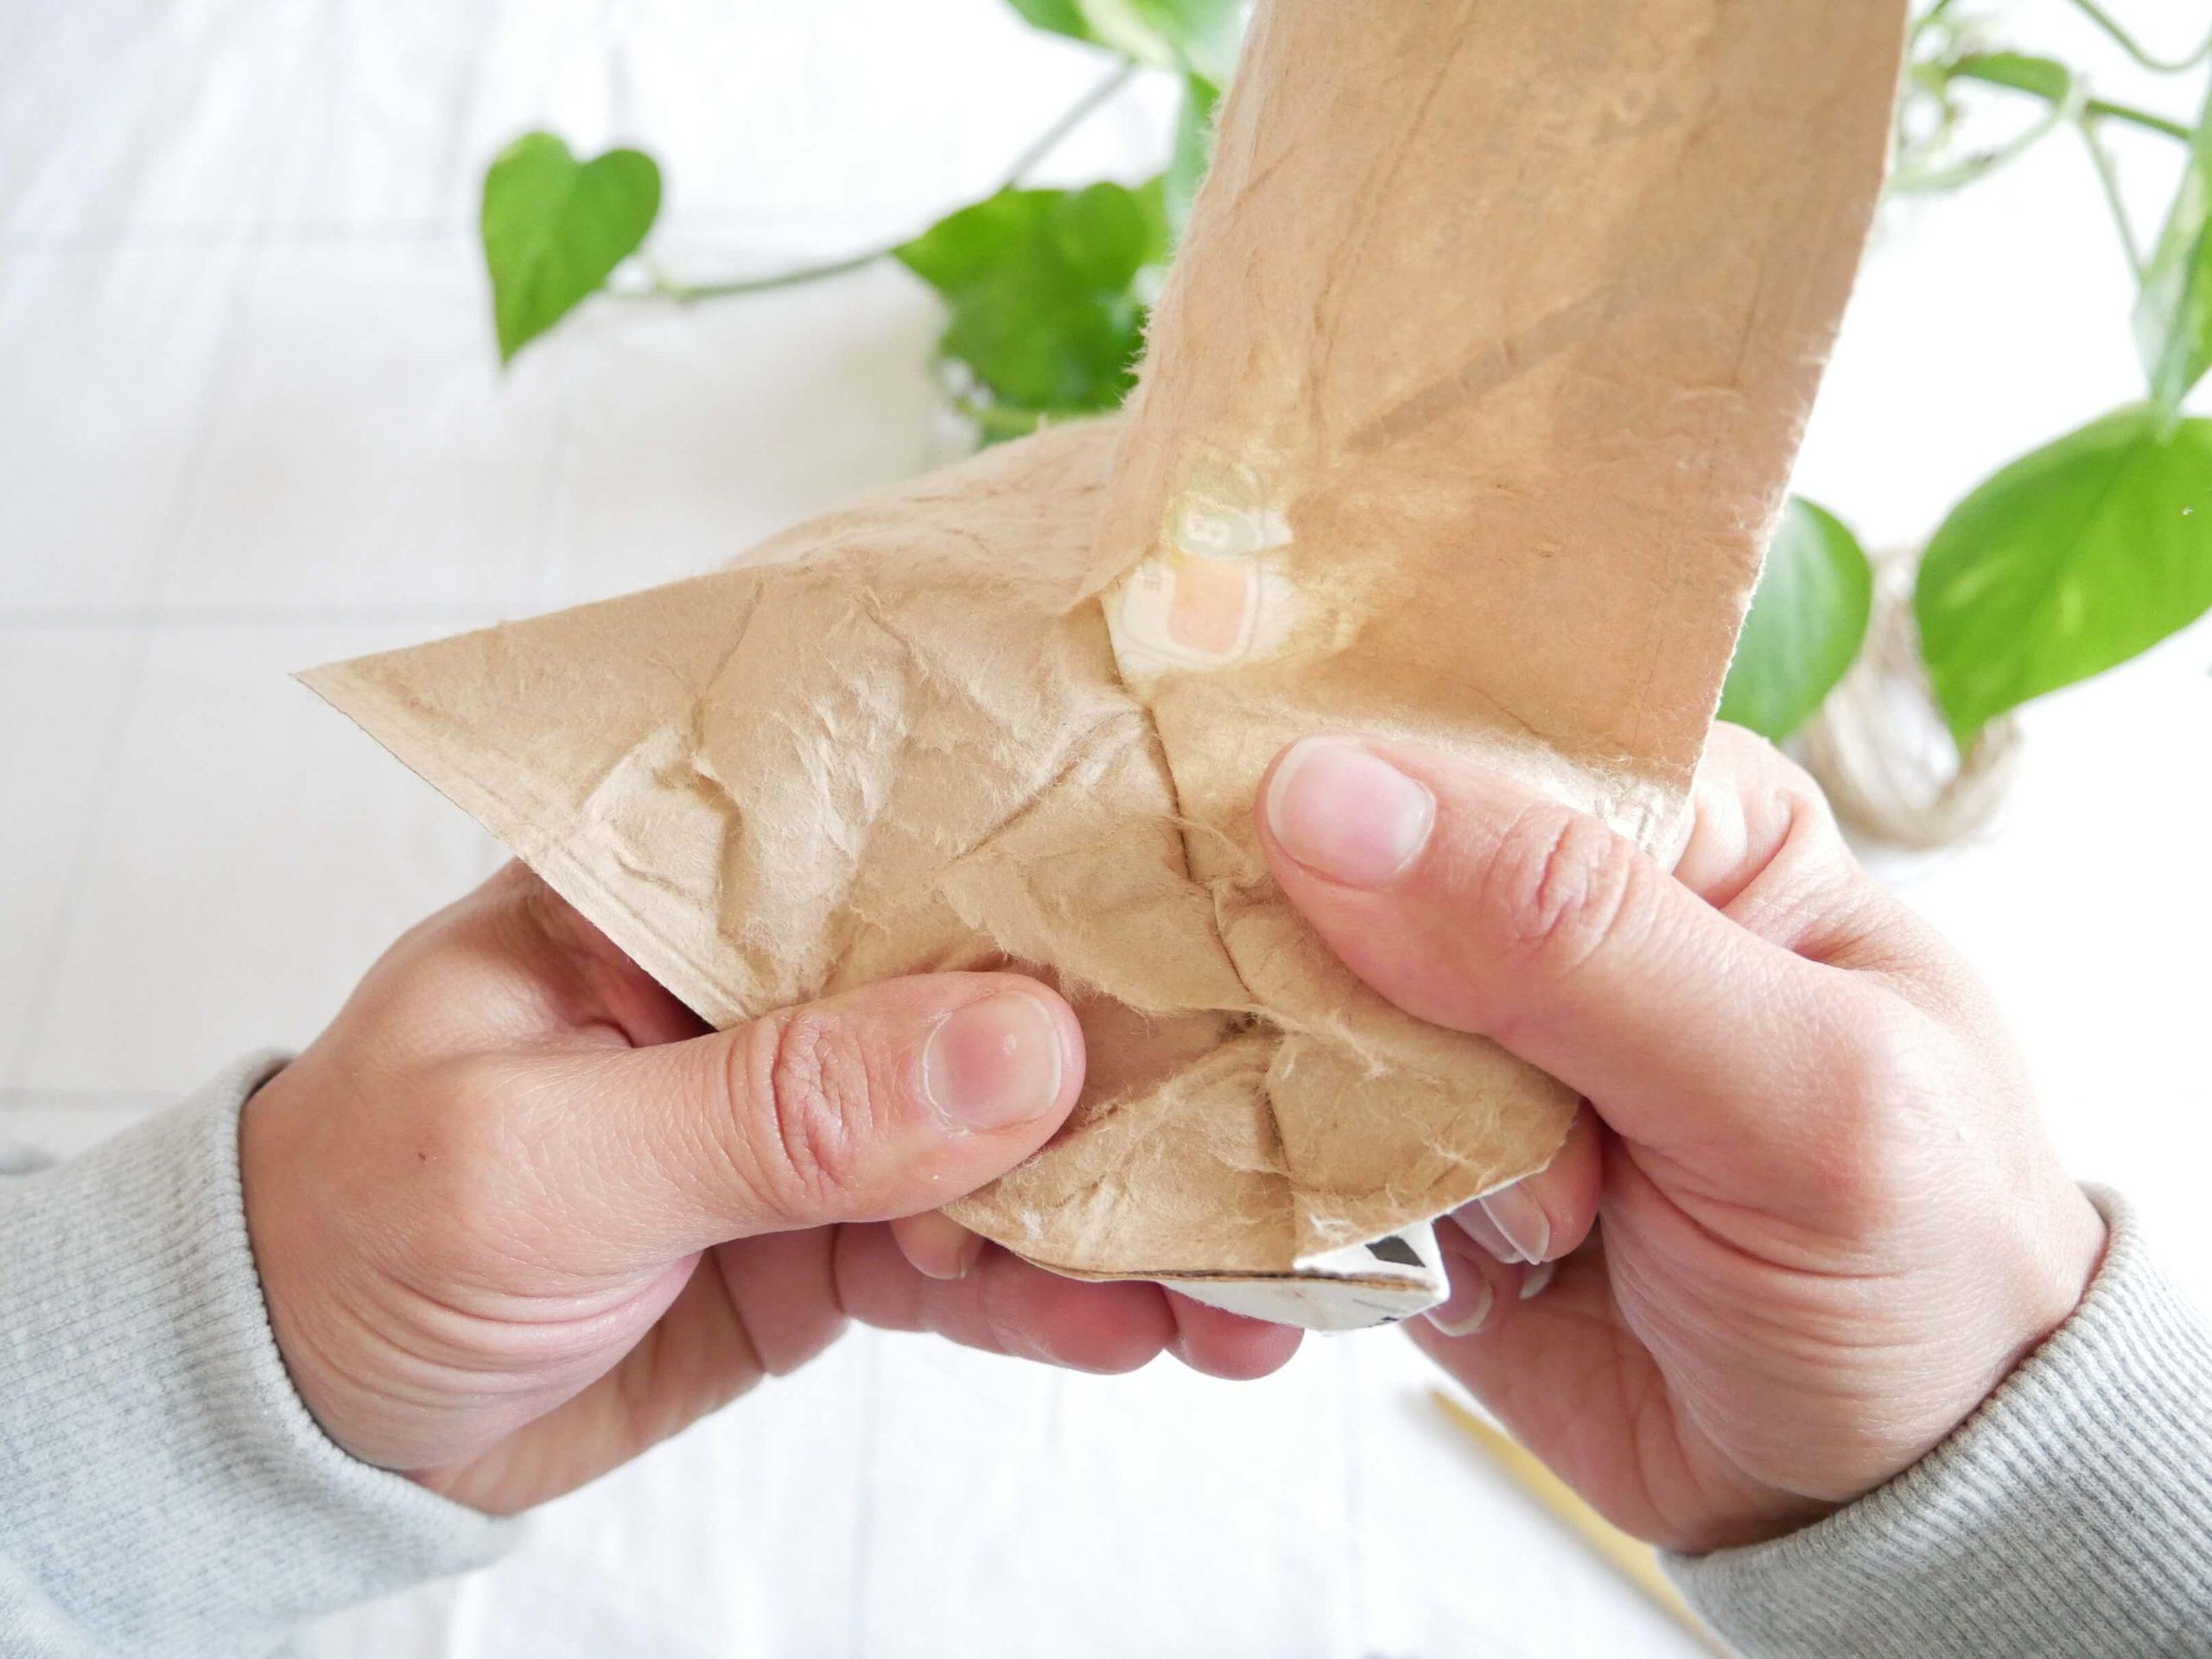 tutoriel-recyclage-principe11-lesateliersdangelique-auboulotcocotte